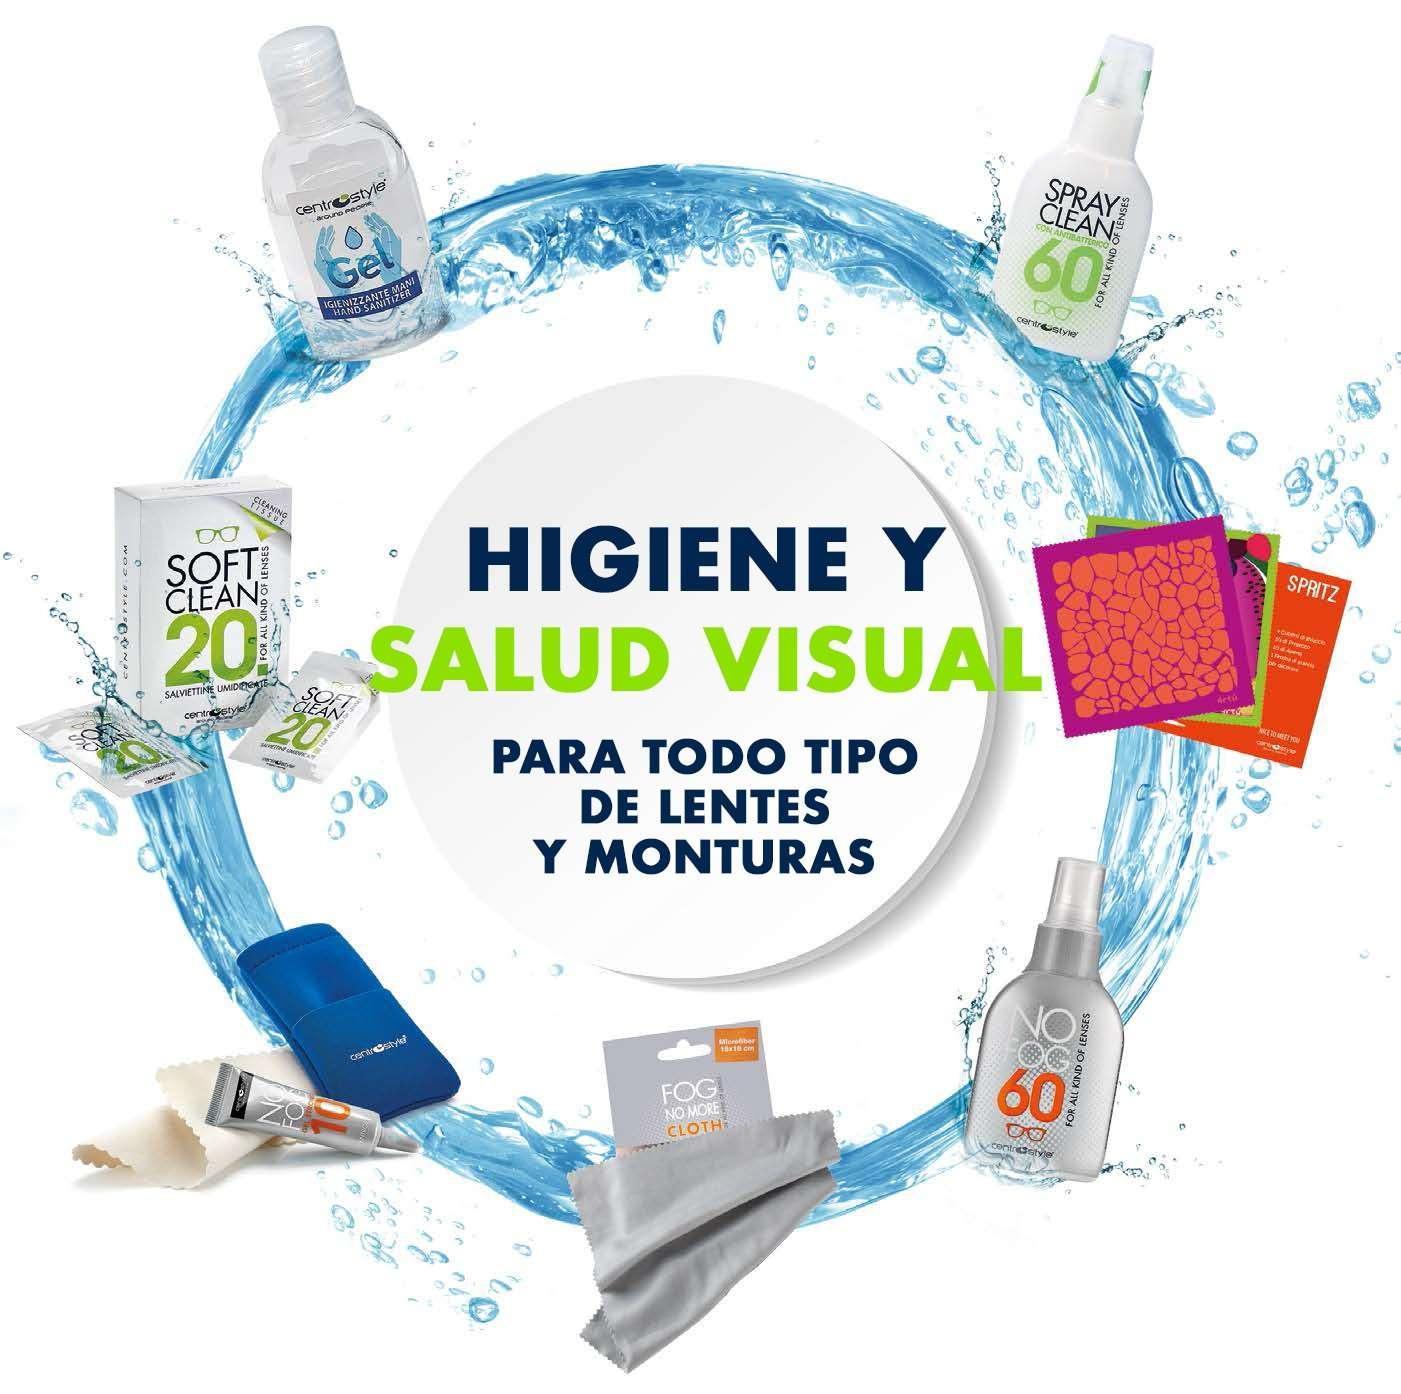 Higiene Centrostyle